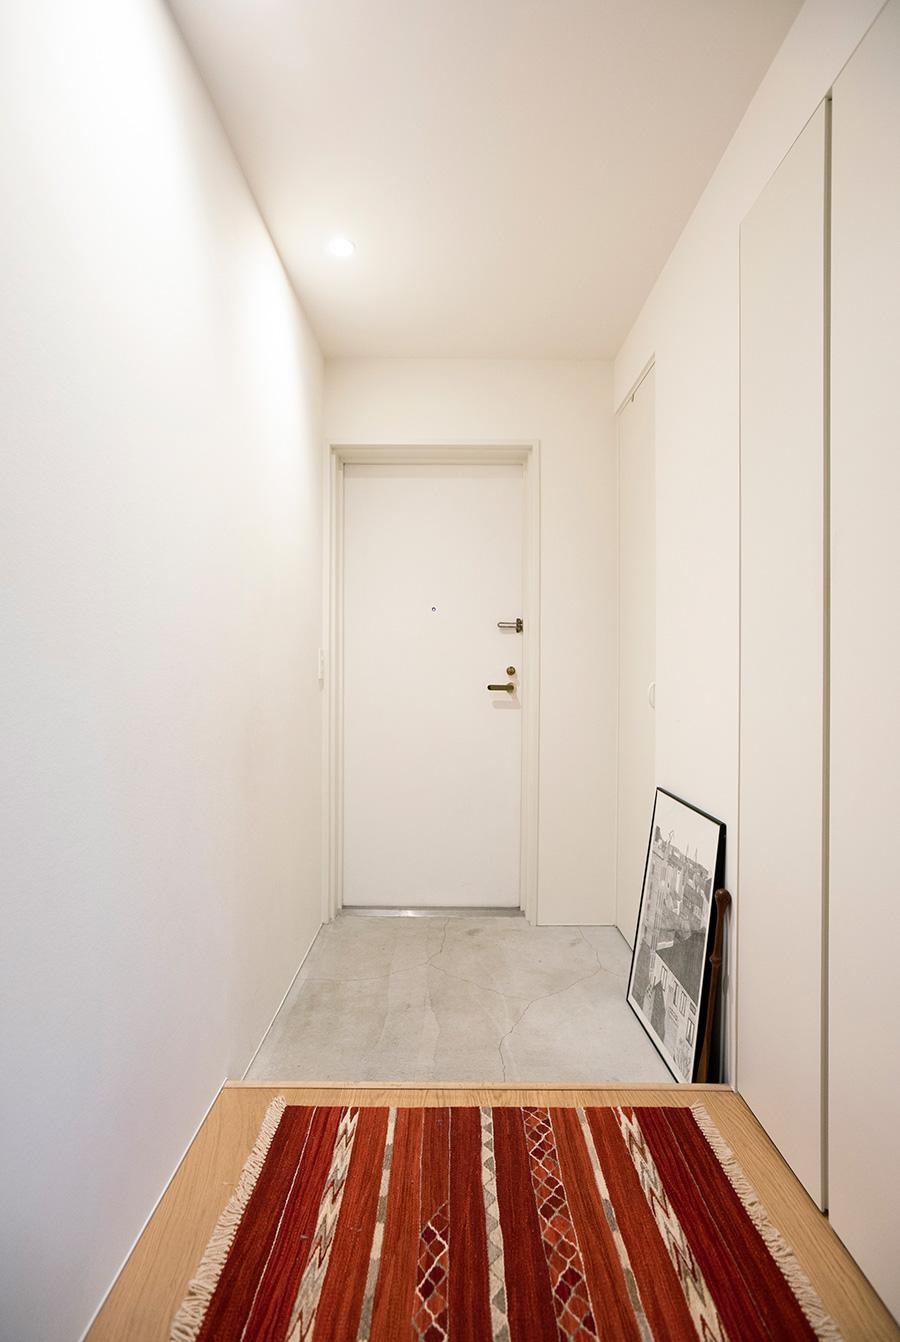 コンクリートを敷いたシンプルな玄関。共用部のため変えられなかったドアは白いシートを貼った。